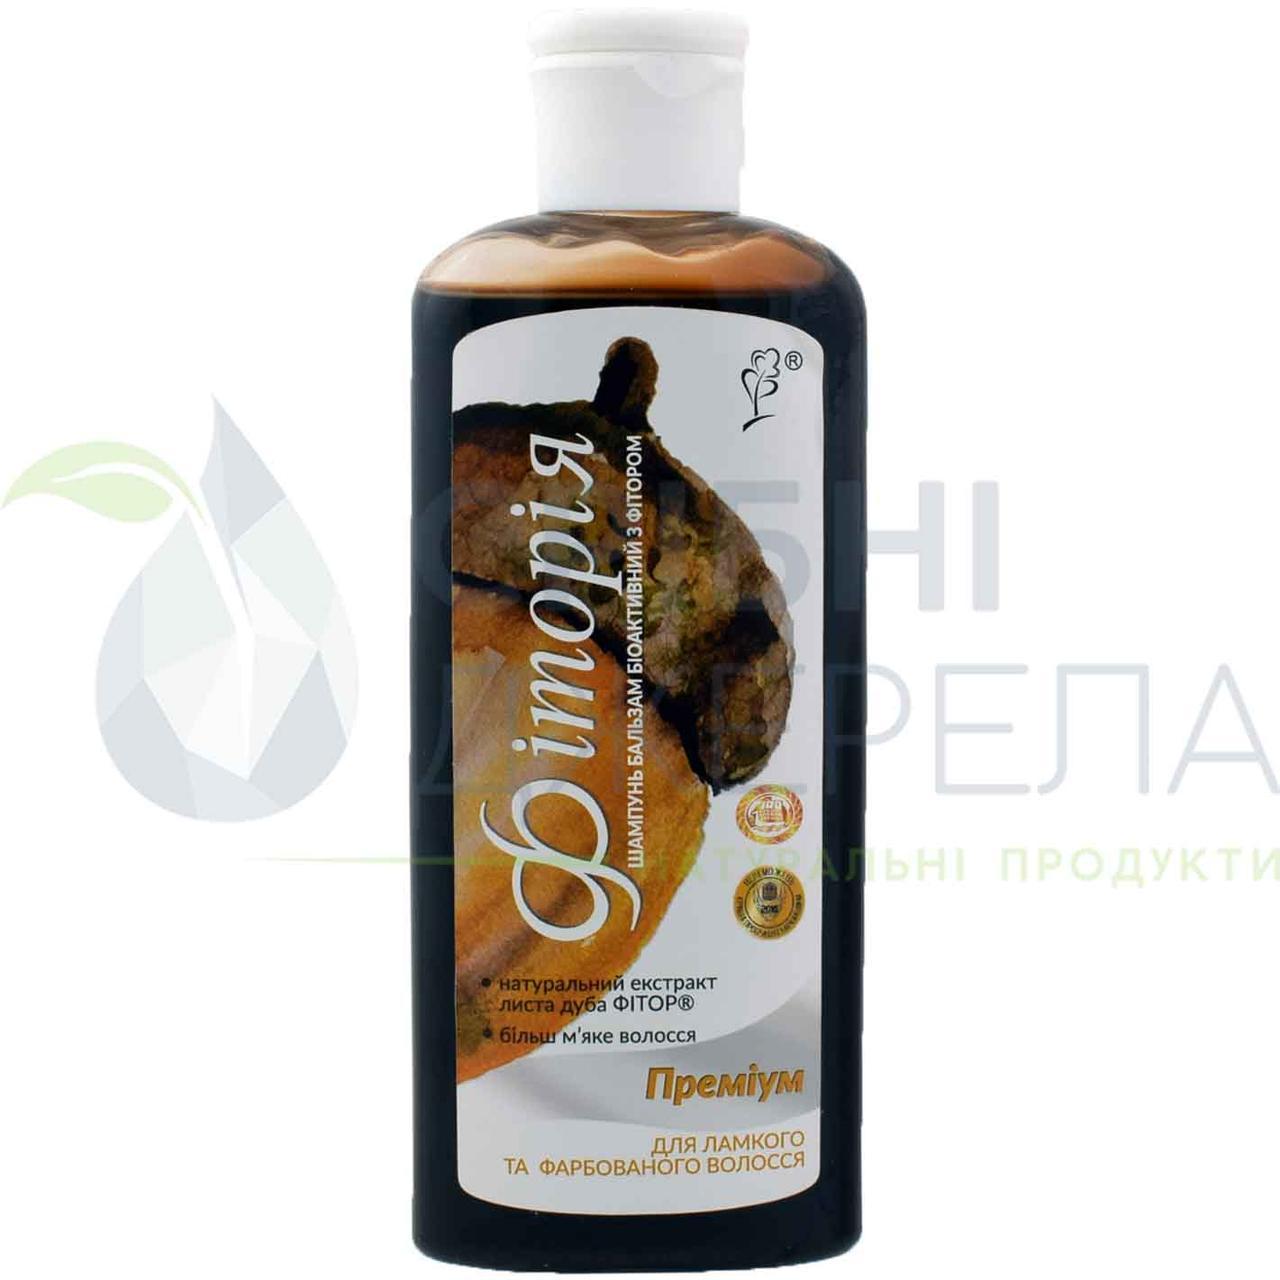 Шампунь-бальзам биоактивный Фитория Премиум с фитором, 250 мл